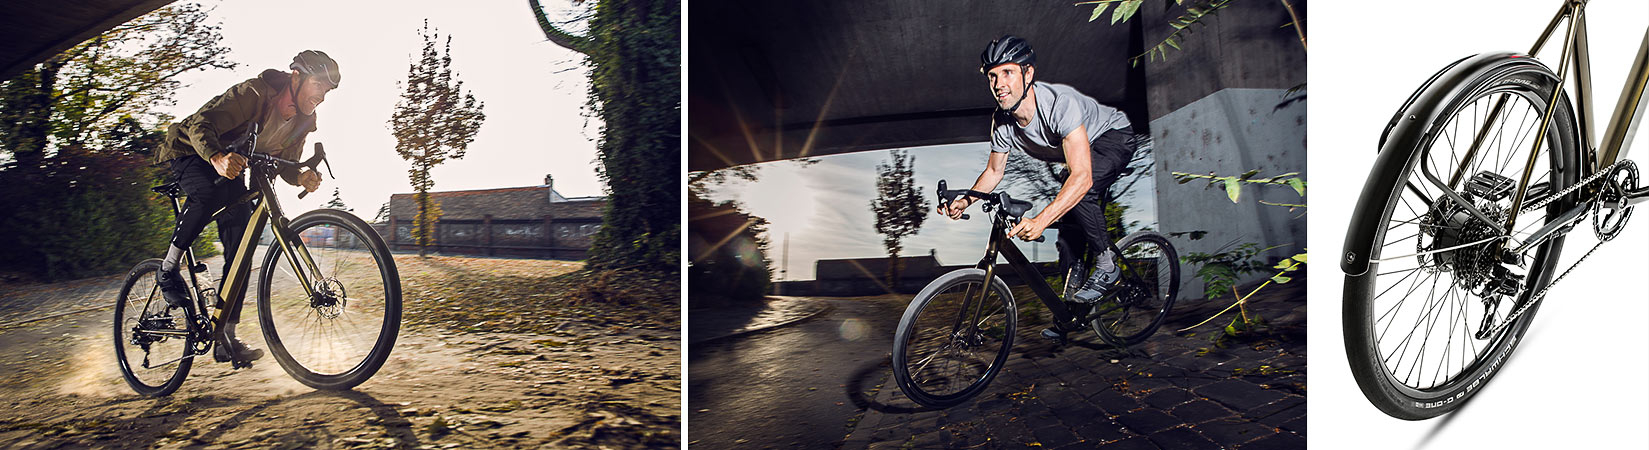 Mehr E-Bike bei weniger Gewicht? Coboc TEN Torino – Neues Urban E-Bike Coboc TEN Torino: Leichtgewicht mit dem Zeug fürs Gelände